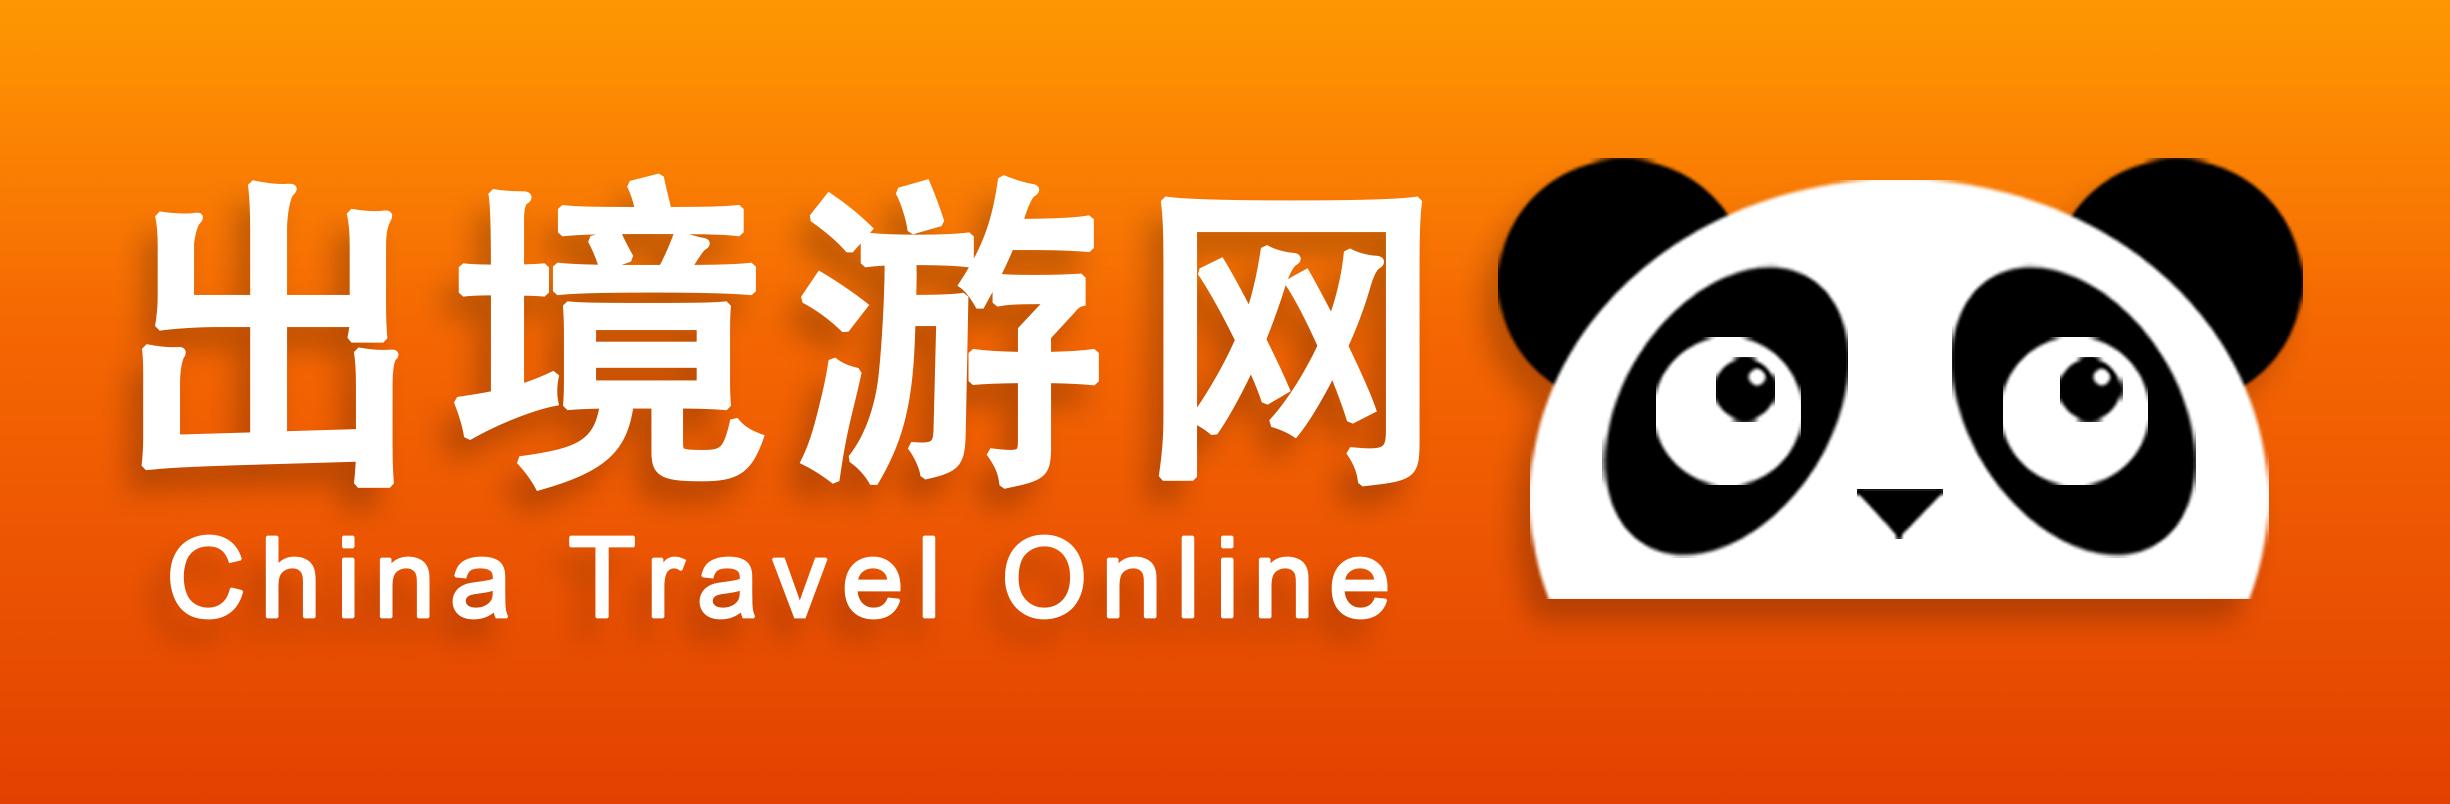 出境游网-出境旅游信息, 旅游合作平台-China Travel Online